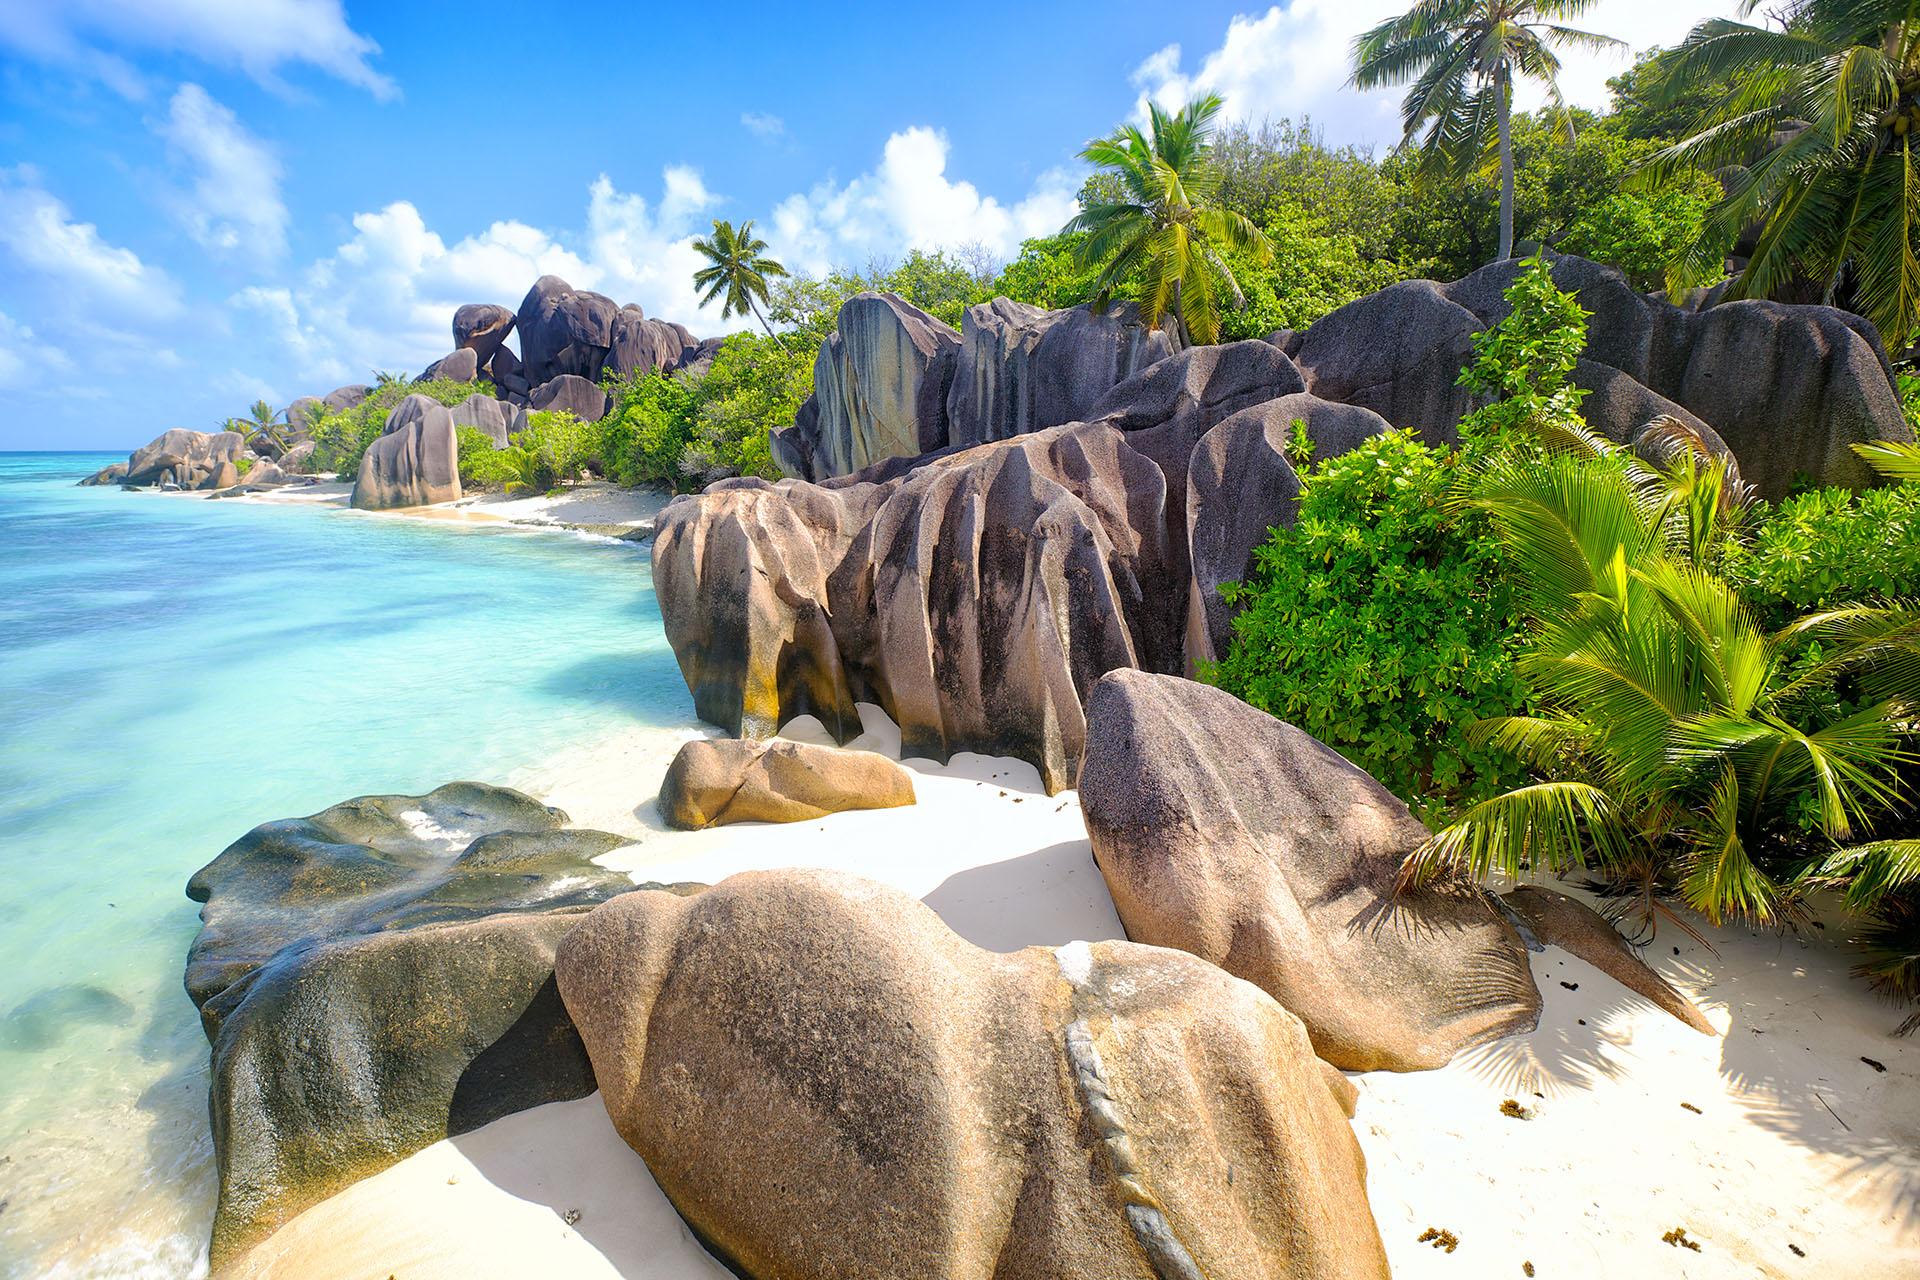 Famosa por ser una de las playas más fotografiadas del mundo, esta tranquila playa es un gran lugar para sumergirse en las aguas poco profundas y cálidas del Océano Índico